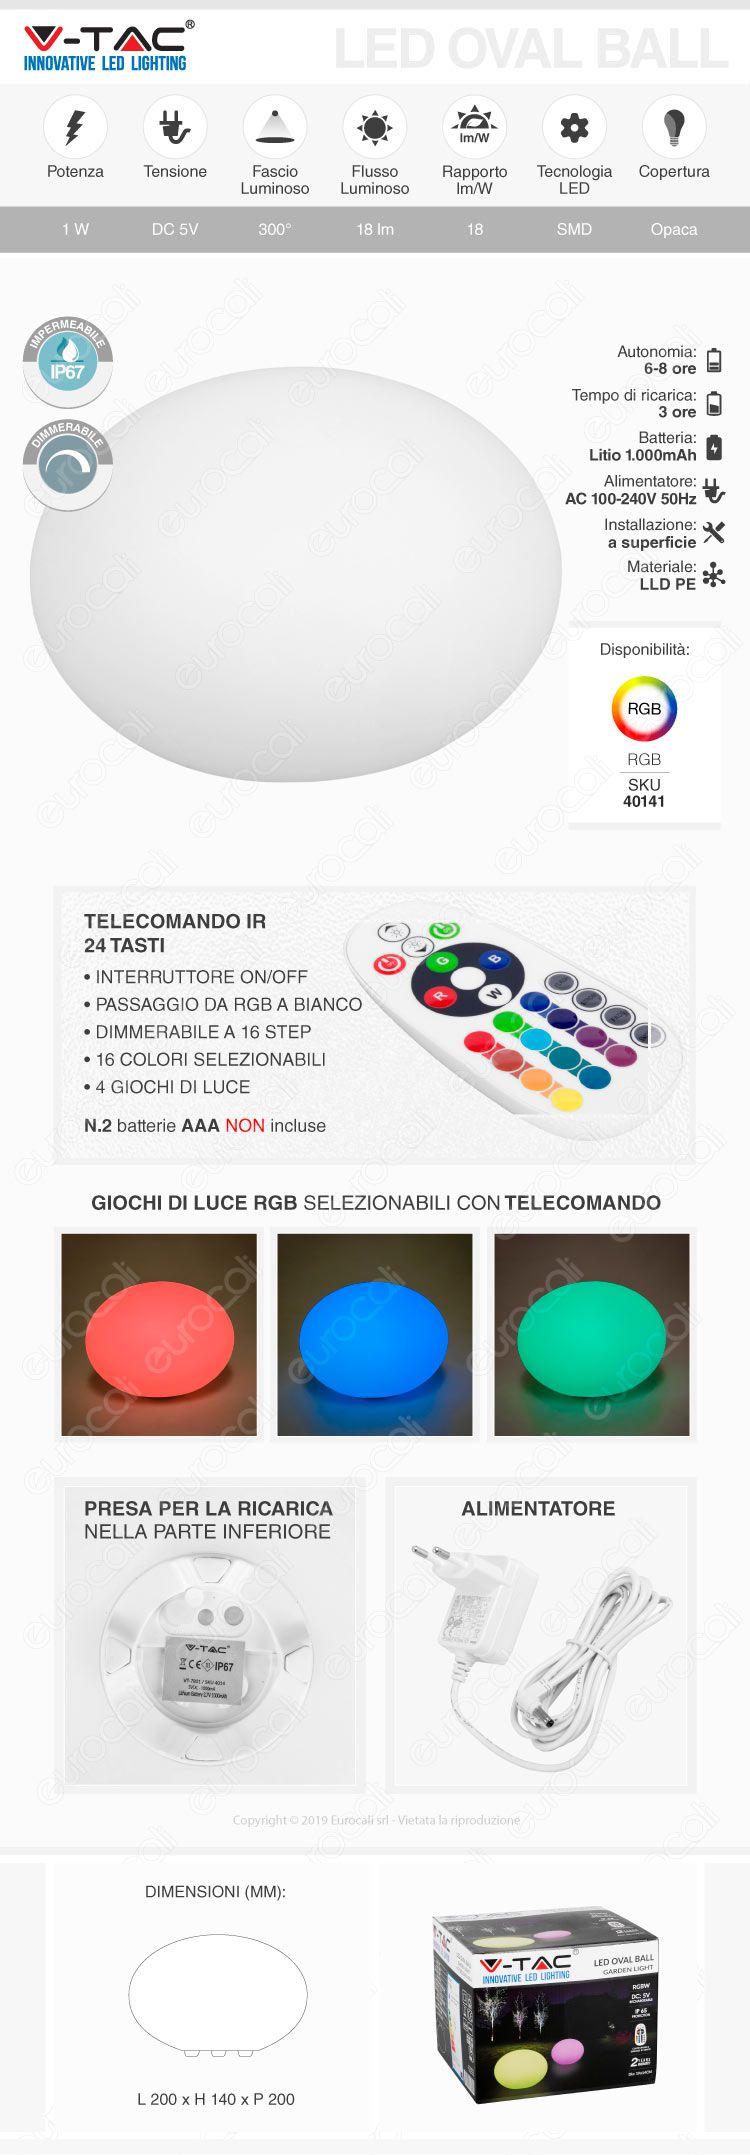 V-Tac VT-7801 Sfera Ovale Multicolor LED RGB 1W Ricaricabile con Telecomando IP67